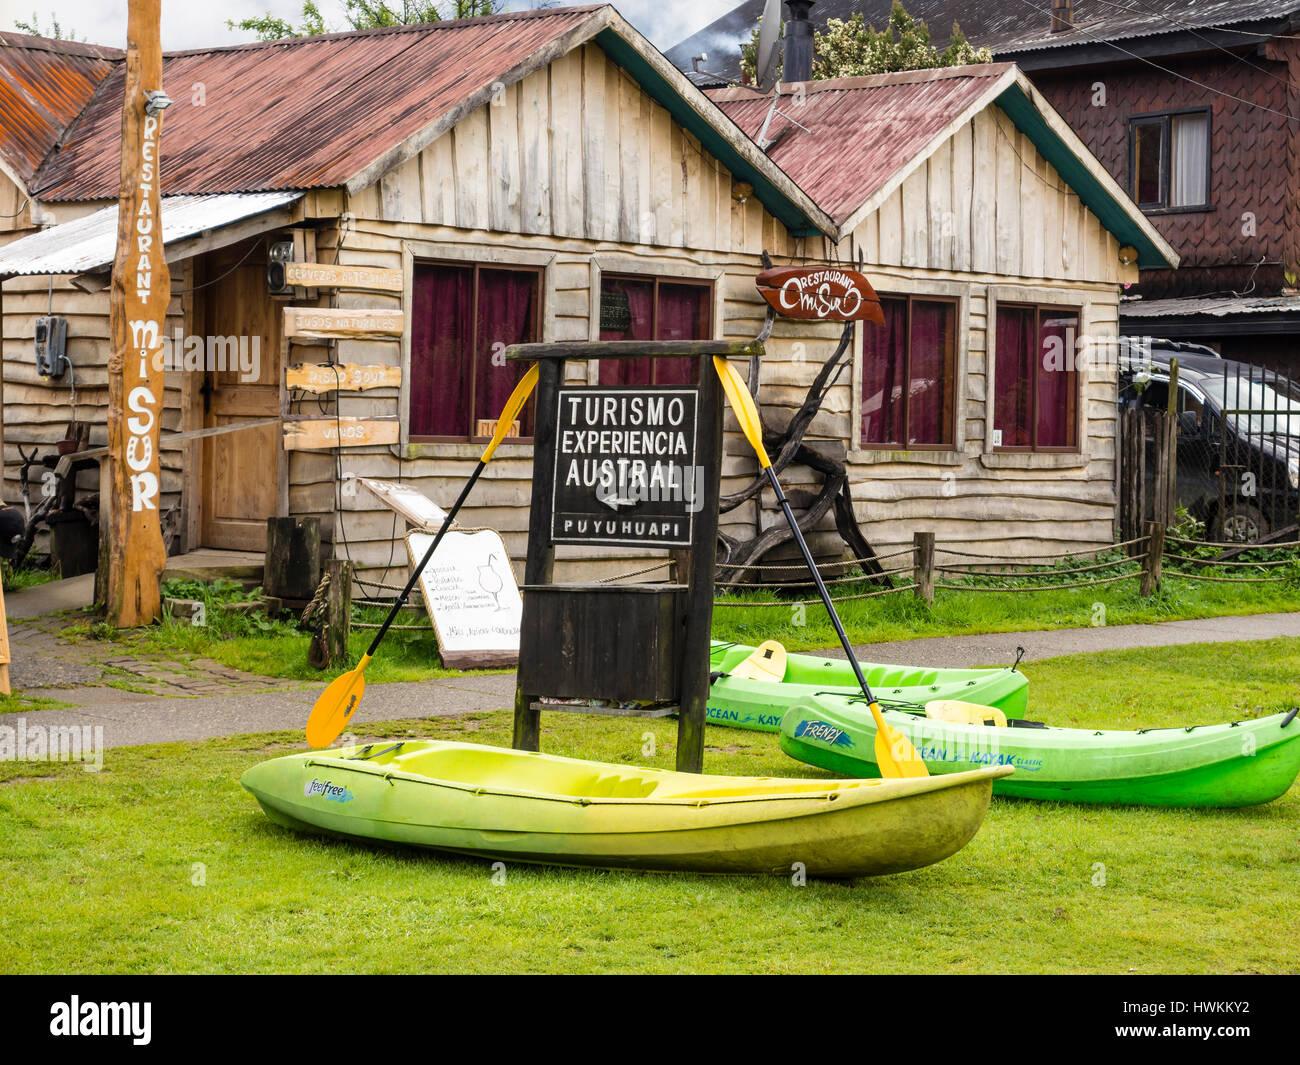 Kayaks to rent, village Puyuhuapi, Patagonia, Chile - Stock Image